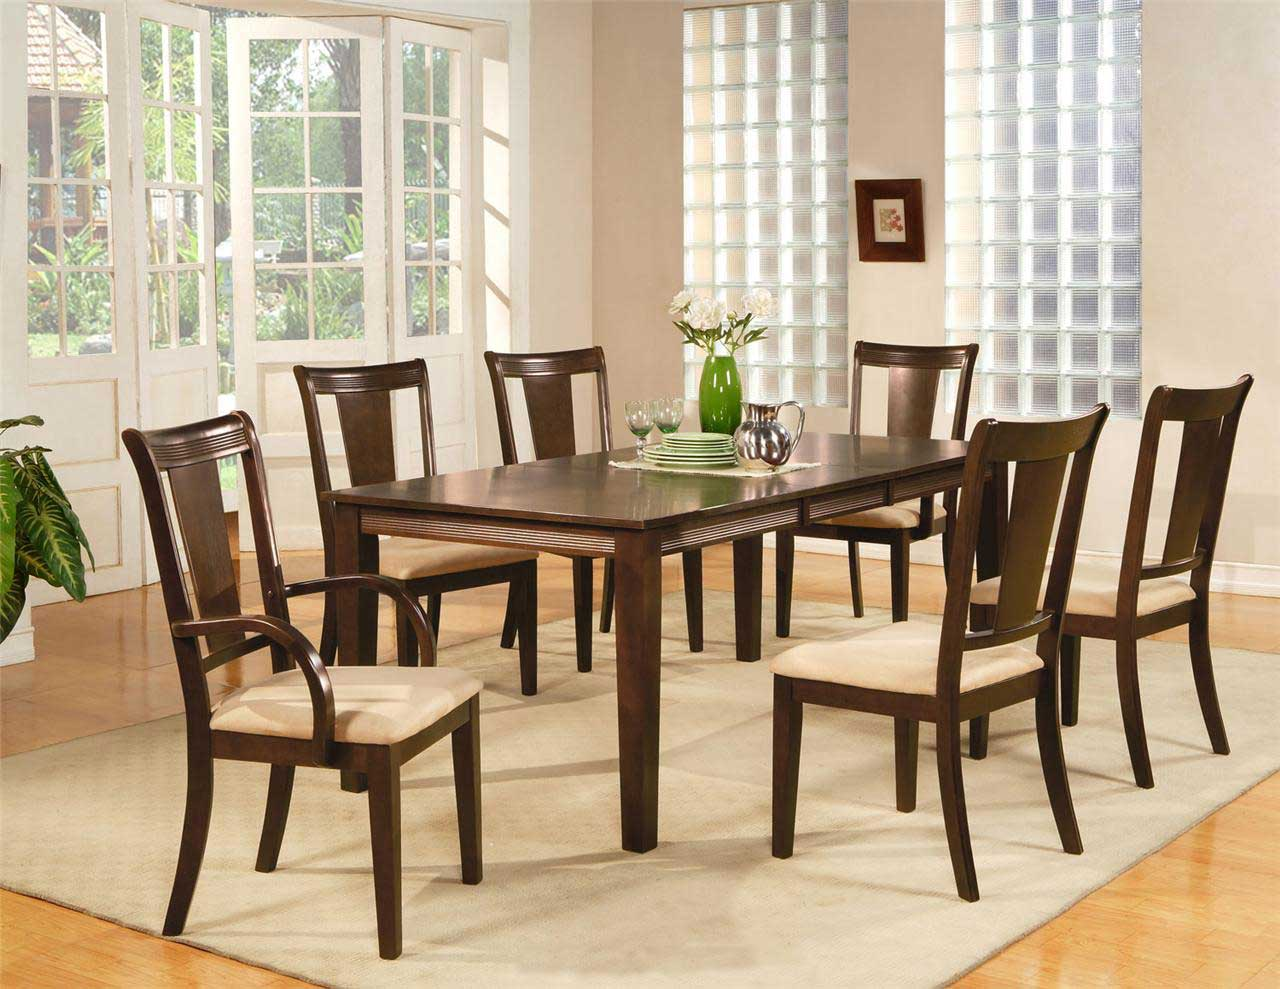 Simple Dining Room Design - InspirationSeek.com on Basic Room Ideas  id=87085